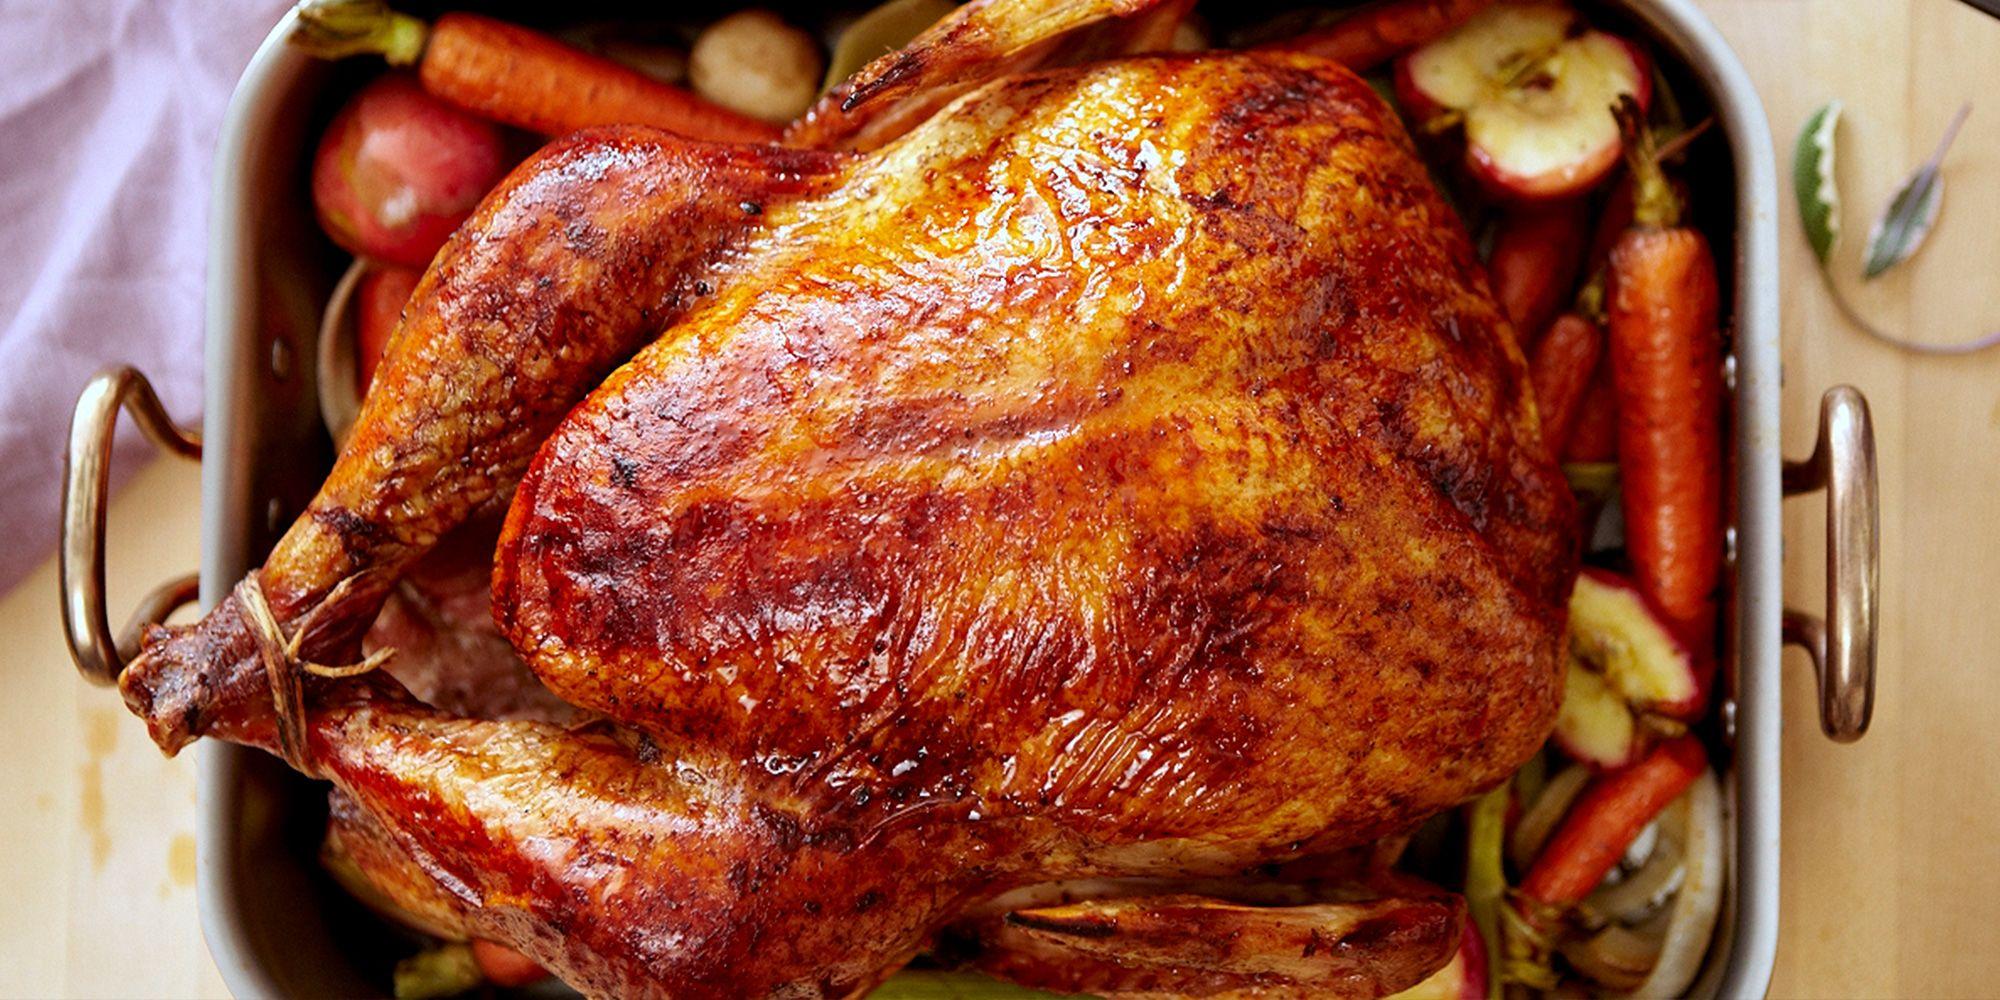 25 Keto Thanksgiving Recipes - Low-Carb Thanksgiving Ideas